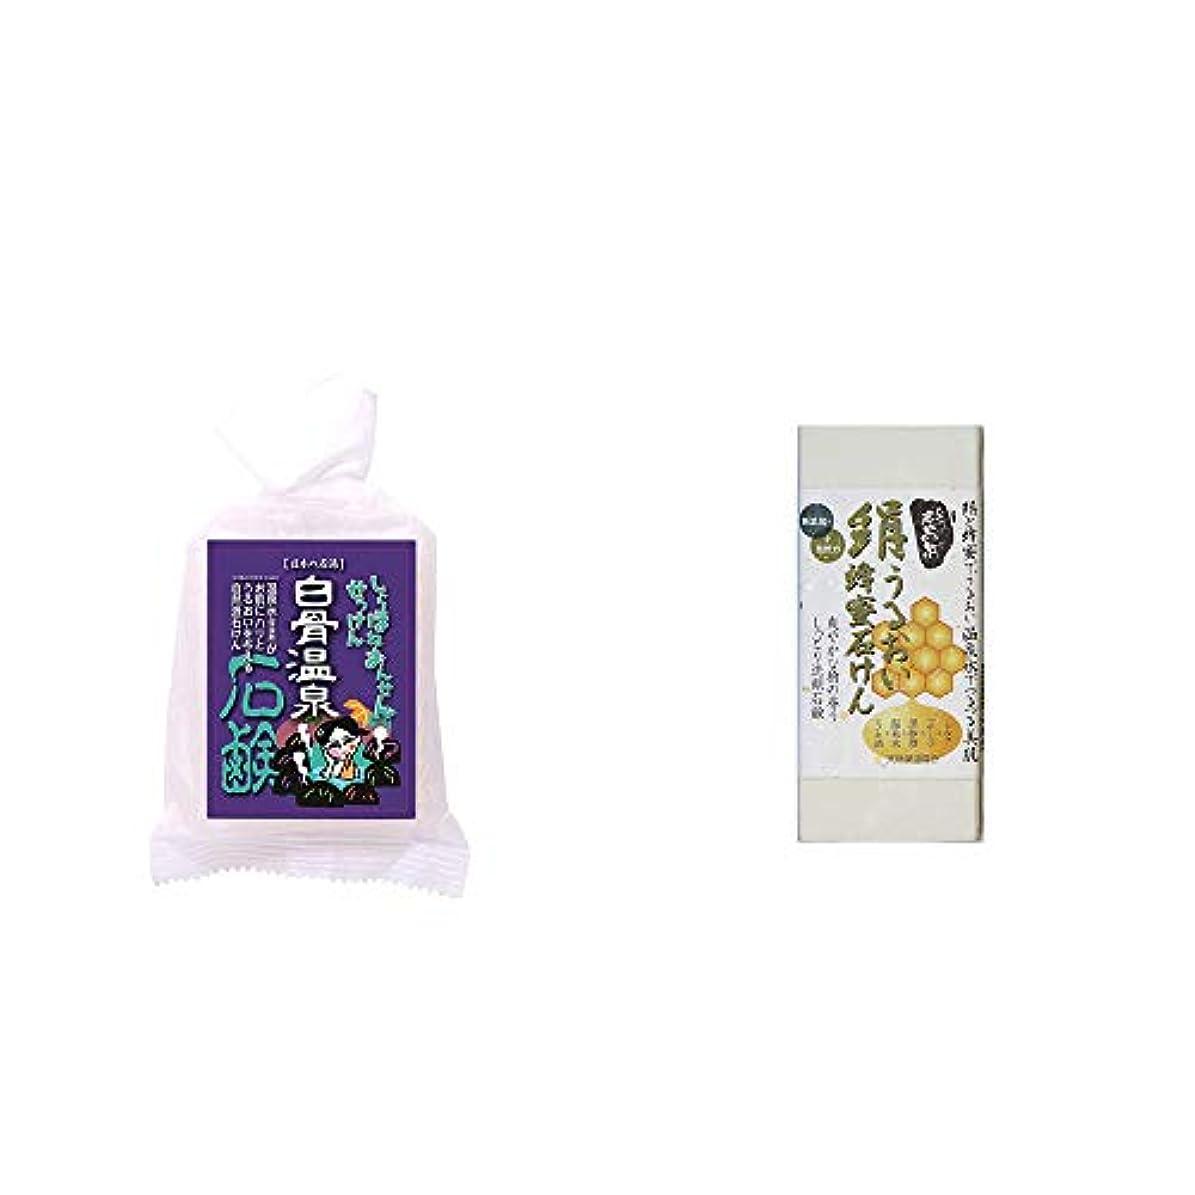 付与失礼マリン[2点セット] 信州 白骨温泉石鹸(80g)?ひのき炭黒泉 絹うるおい蜂蜜石けん(75g×2)